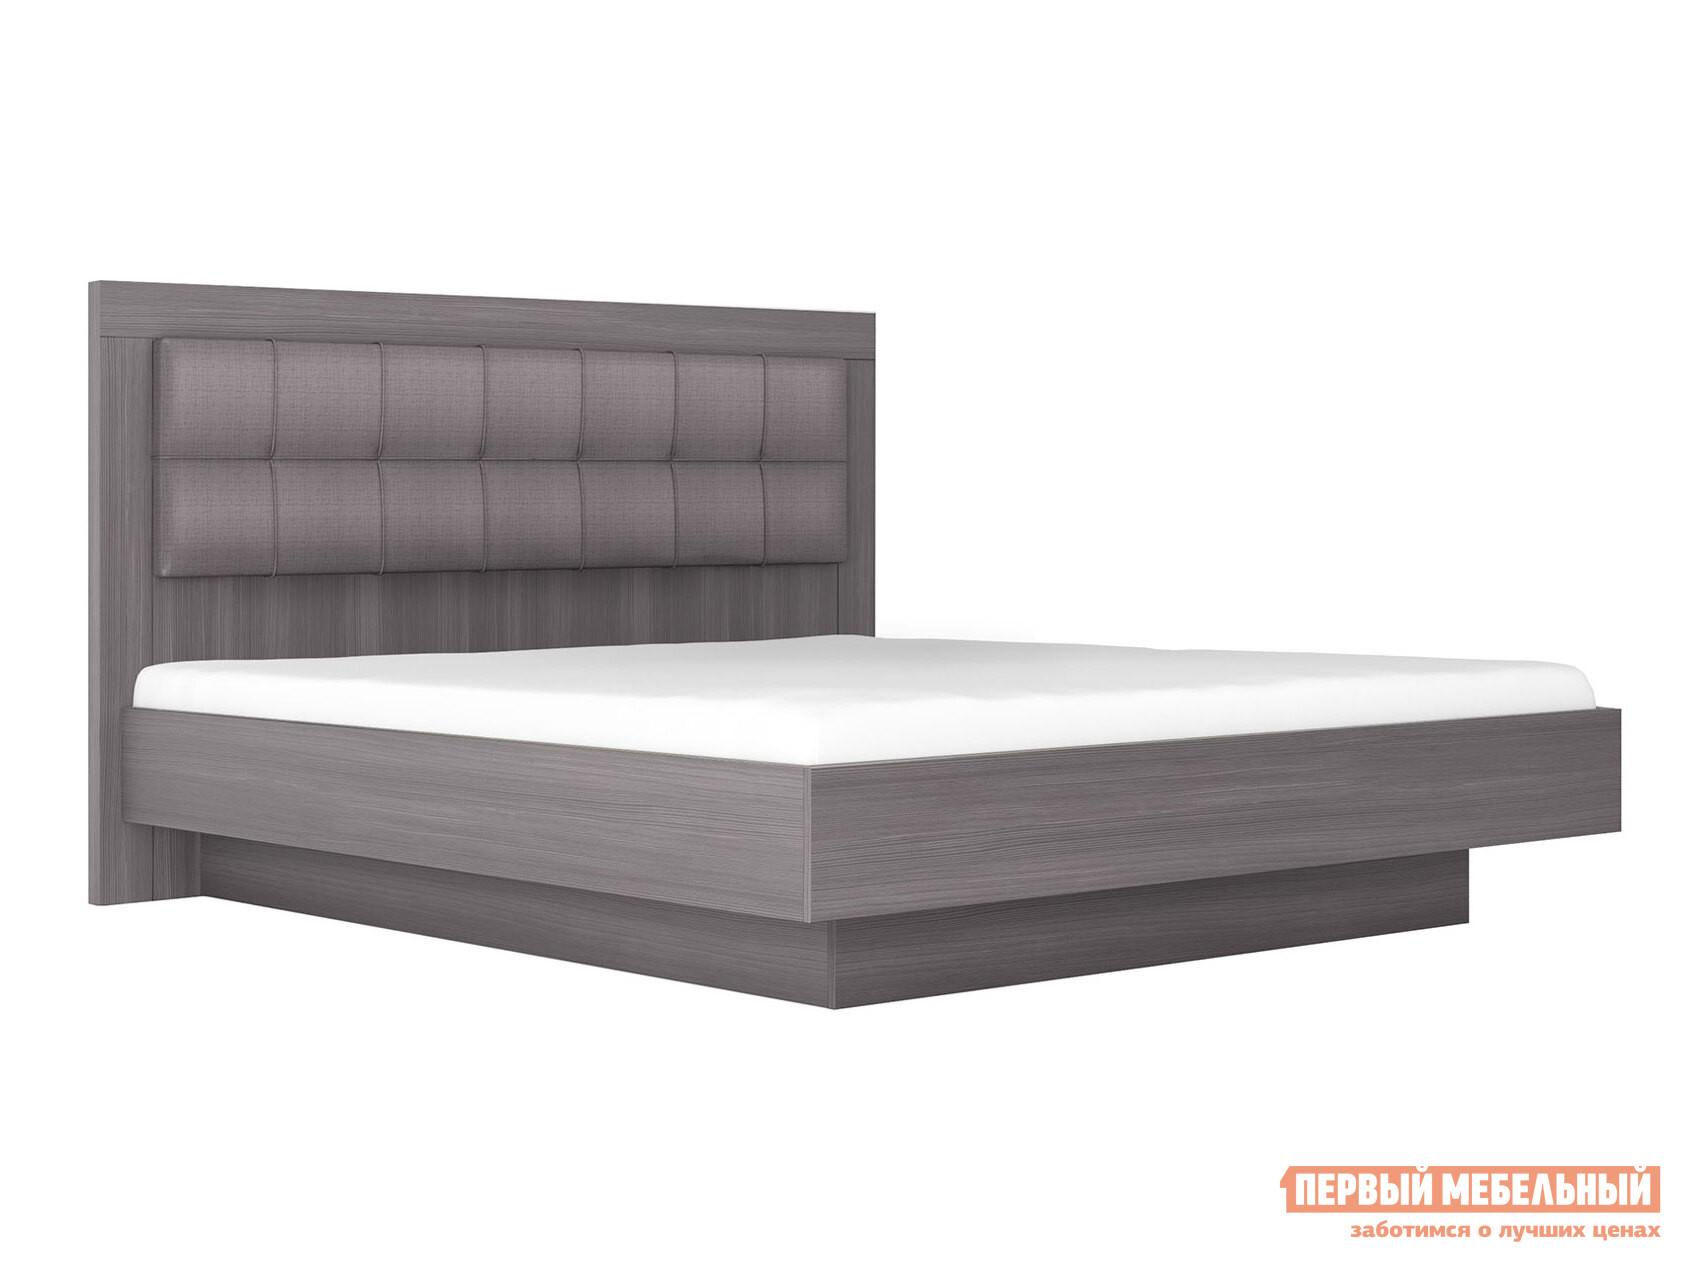 Кровать с подъемным механизмом Первый Мебельный Кровать с подъемным механизмом Парма НЕО 5